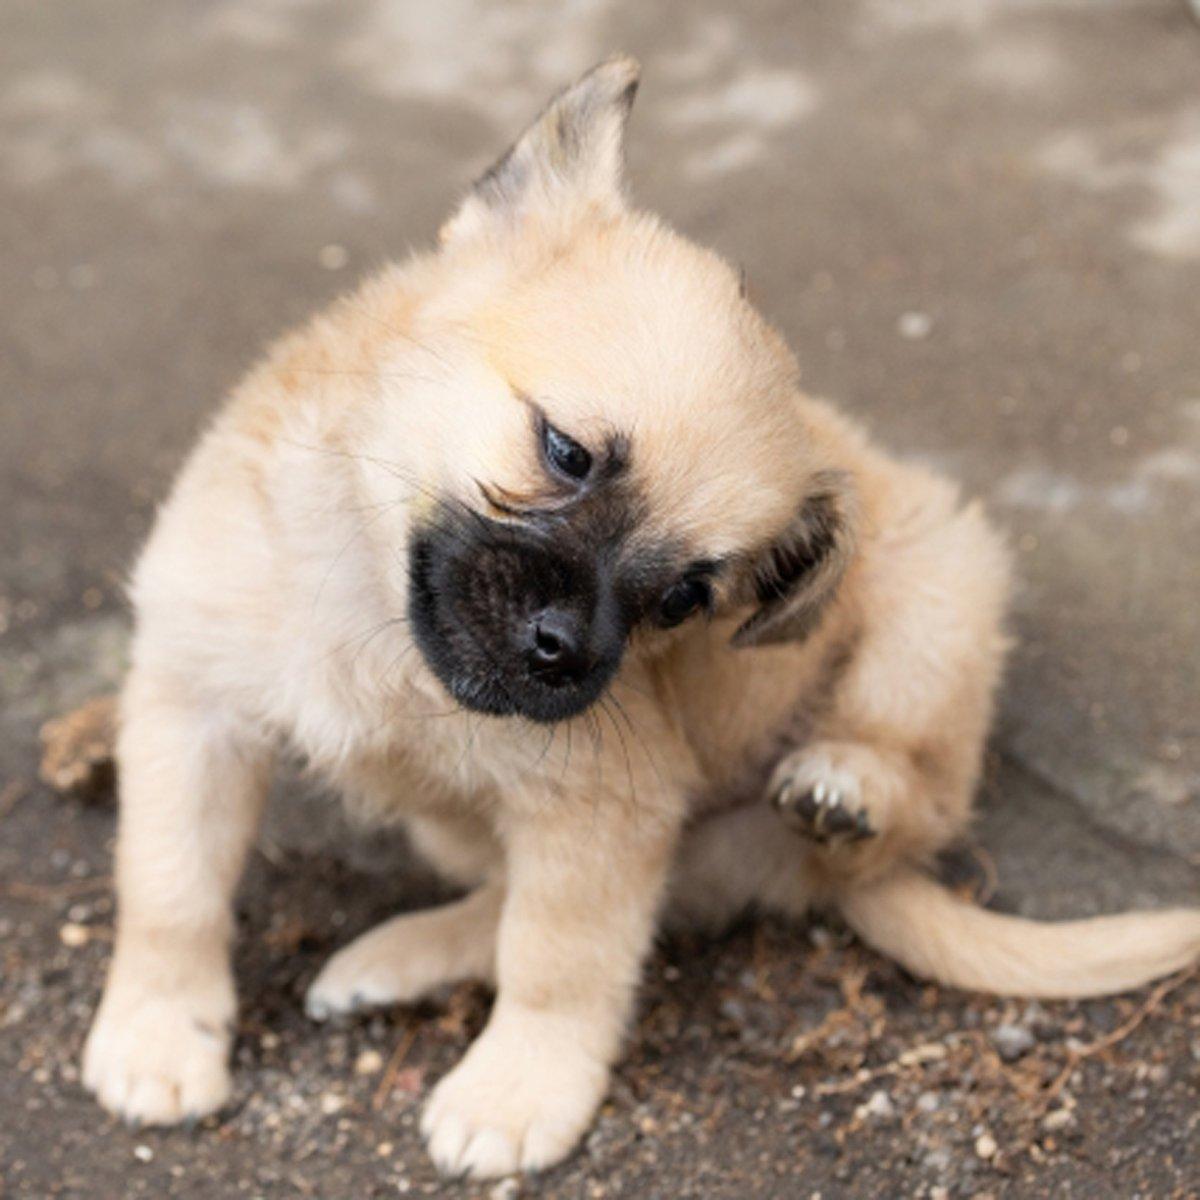 かわいいわんちゃん♪ #ハニーペット #HONEYPET #honeypet #犬 #ふわもこ部 #愛犬 #わんこ #いぬすたぐらむ #いぬ #ペット #犬のいる暮らし #ワンコ #イヌ #いぬのきもち #こいぬ #dog #dogsofinstagram #puppy #pet  #instagood #follow #followme https://t.co/suSJ6fJnLC